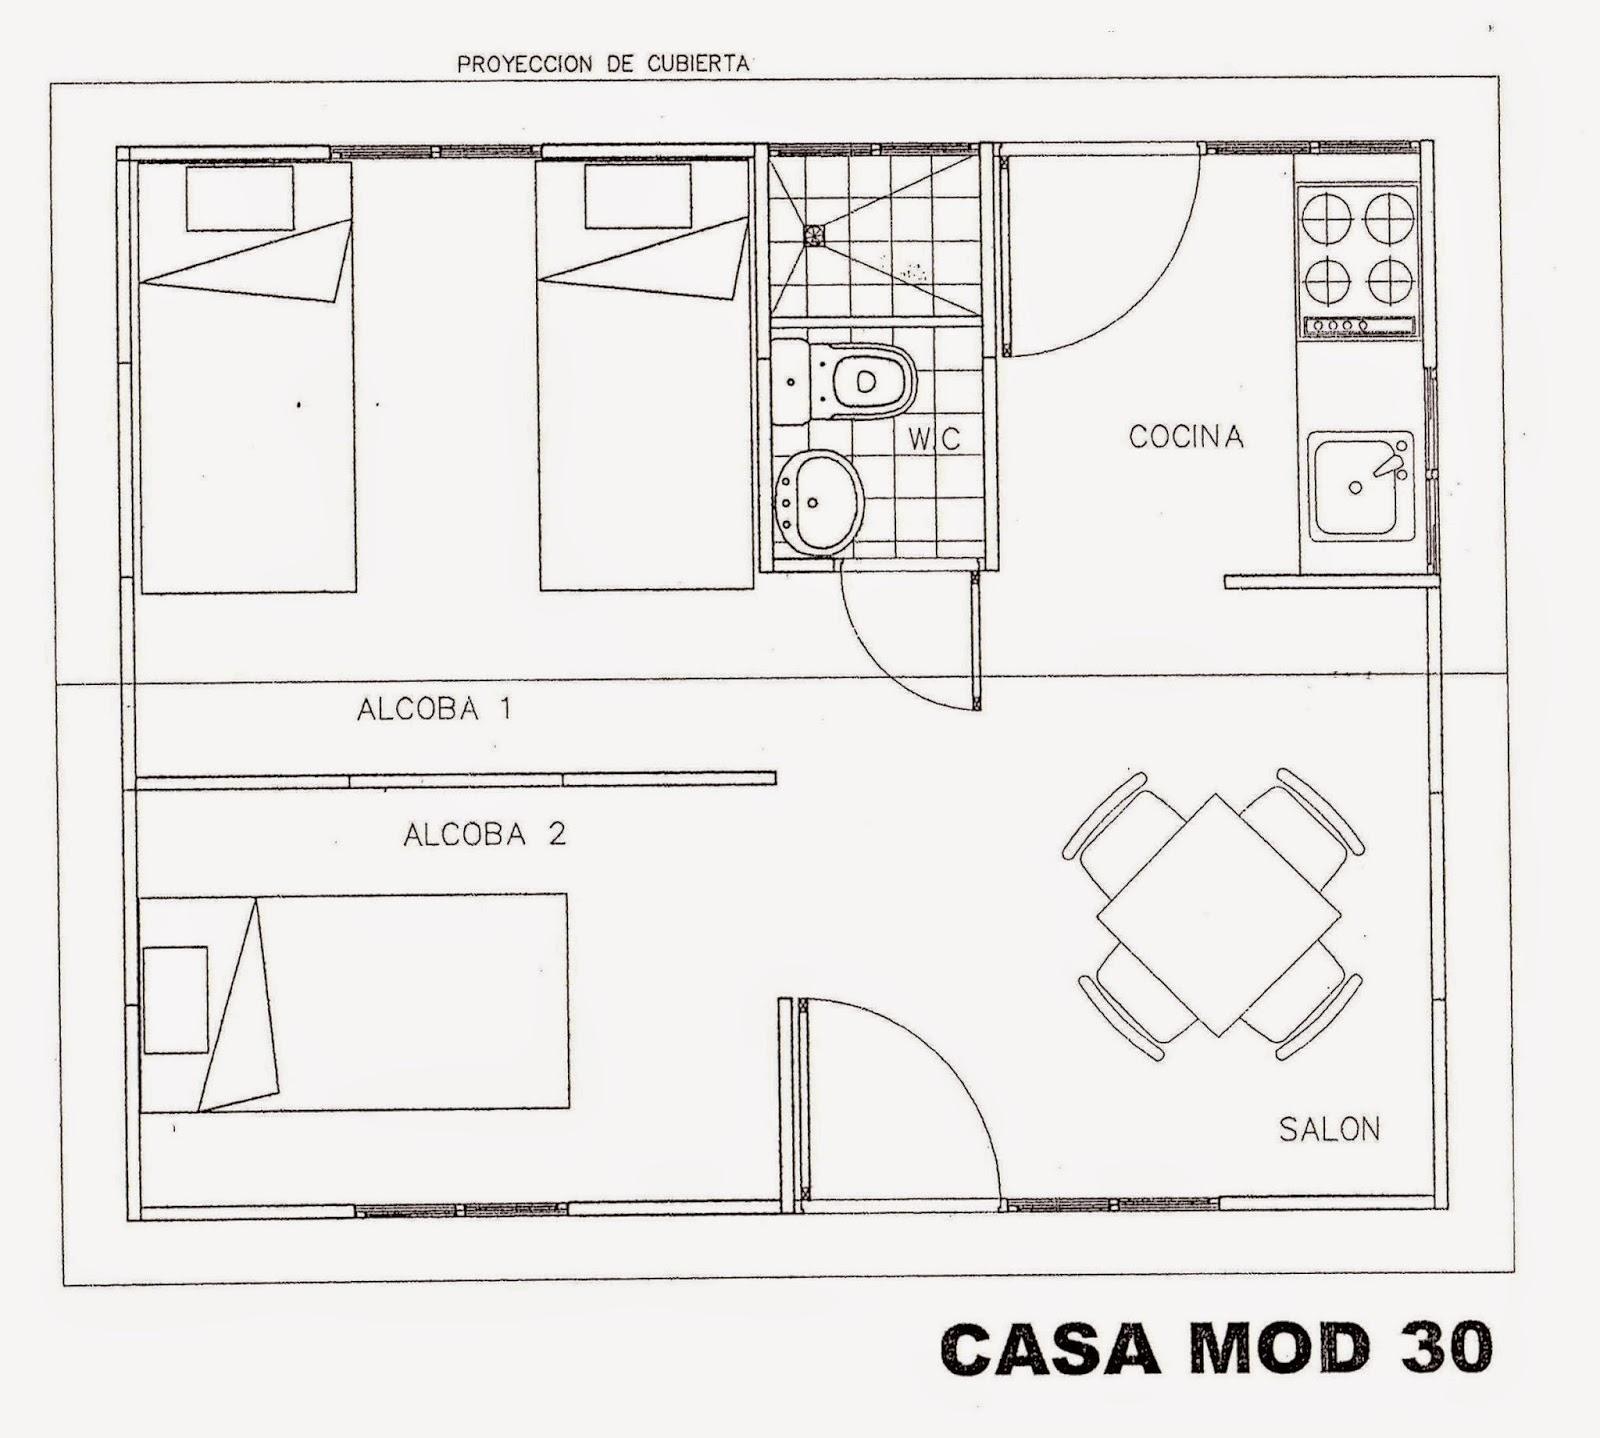 Casas prefabricadas cali colombia for Cocina 3x3 metros